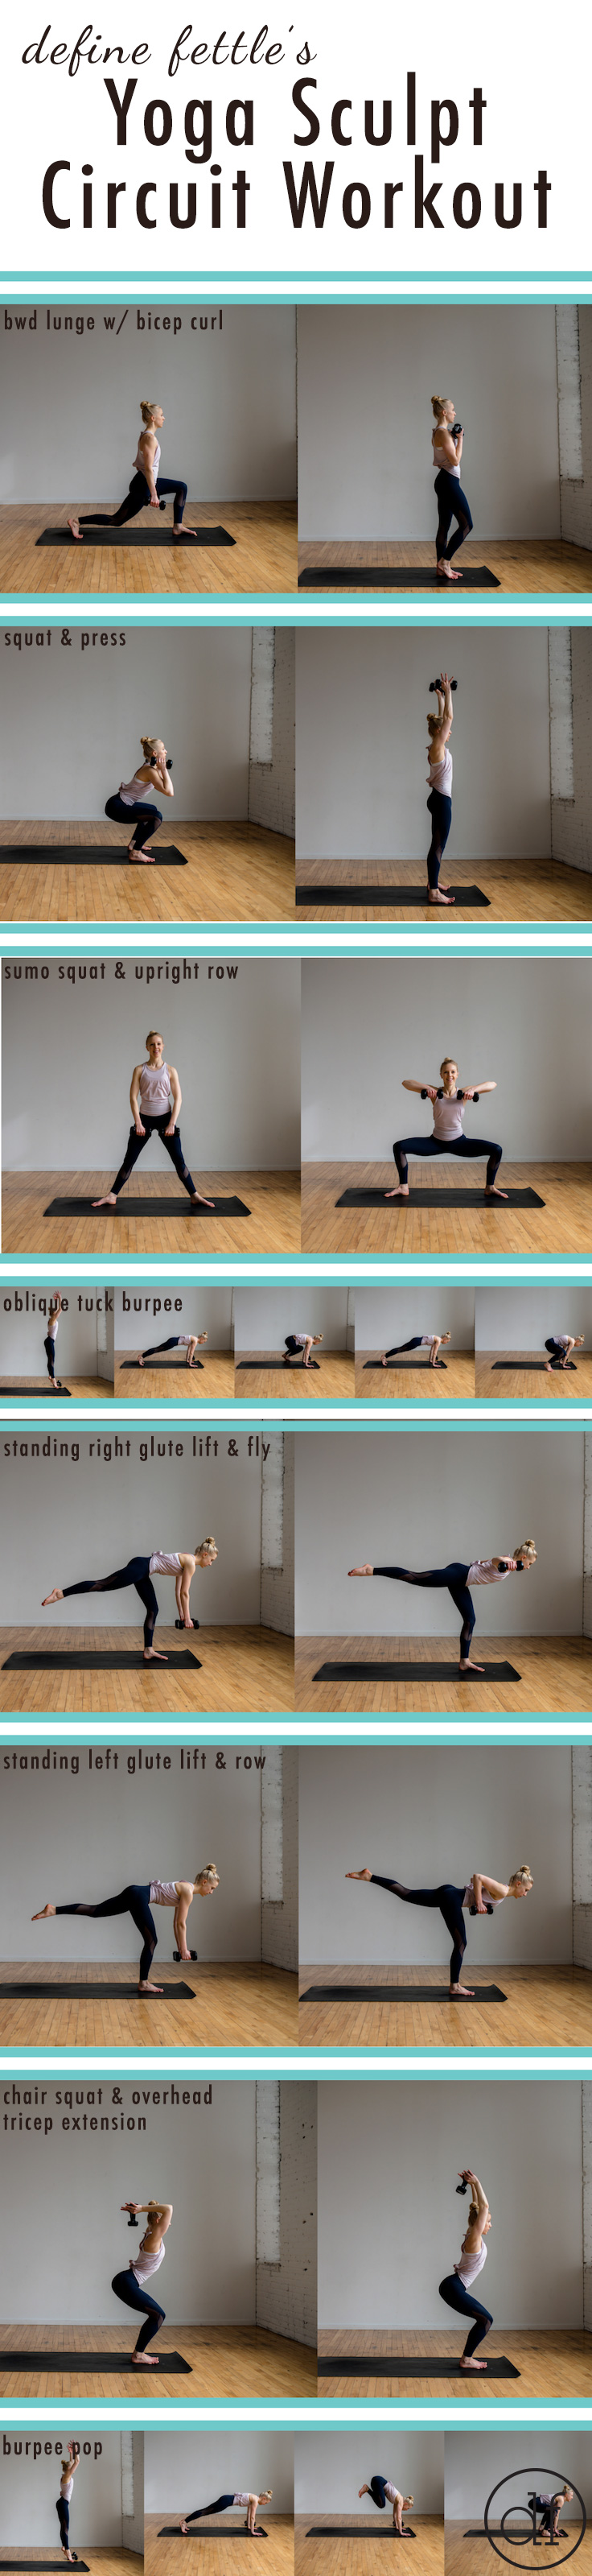 Yoga Sculpt Circuit Workout Define Fettle